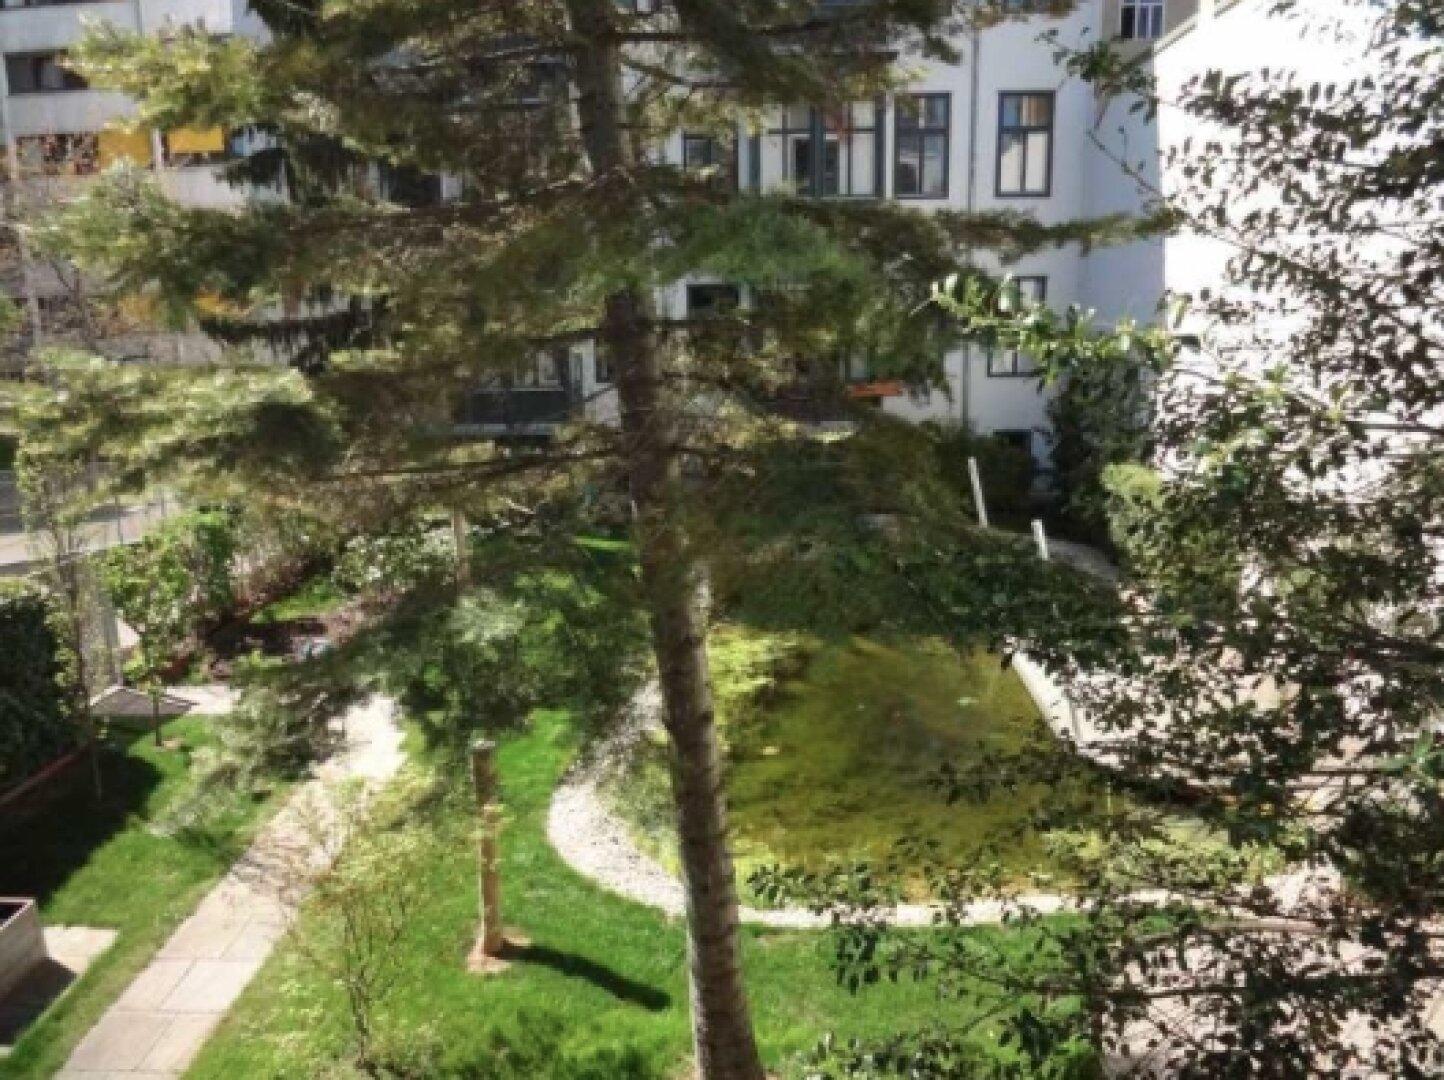 Blick von der Veranda auf Haus und Garten 1